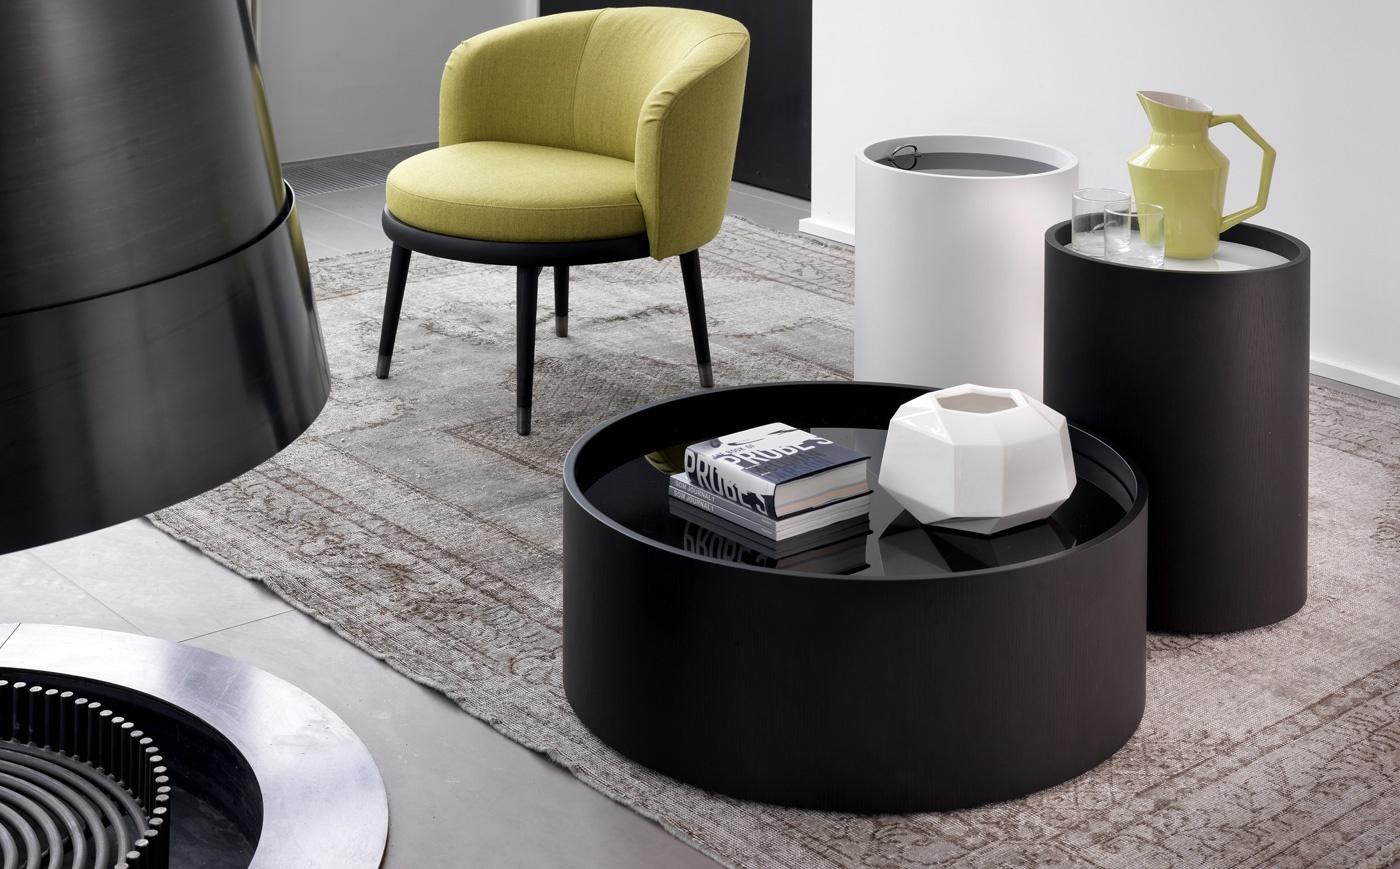 Круглый журнальный столик – уютный вариант для посиделок в гостиной